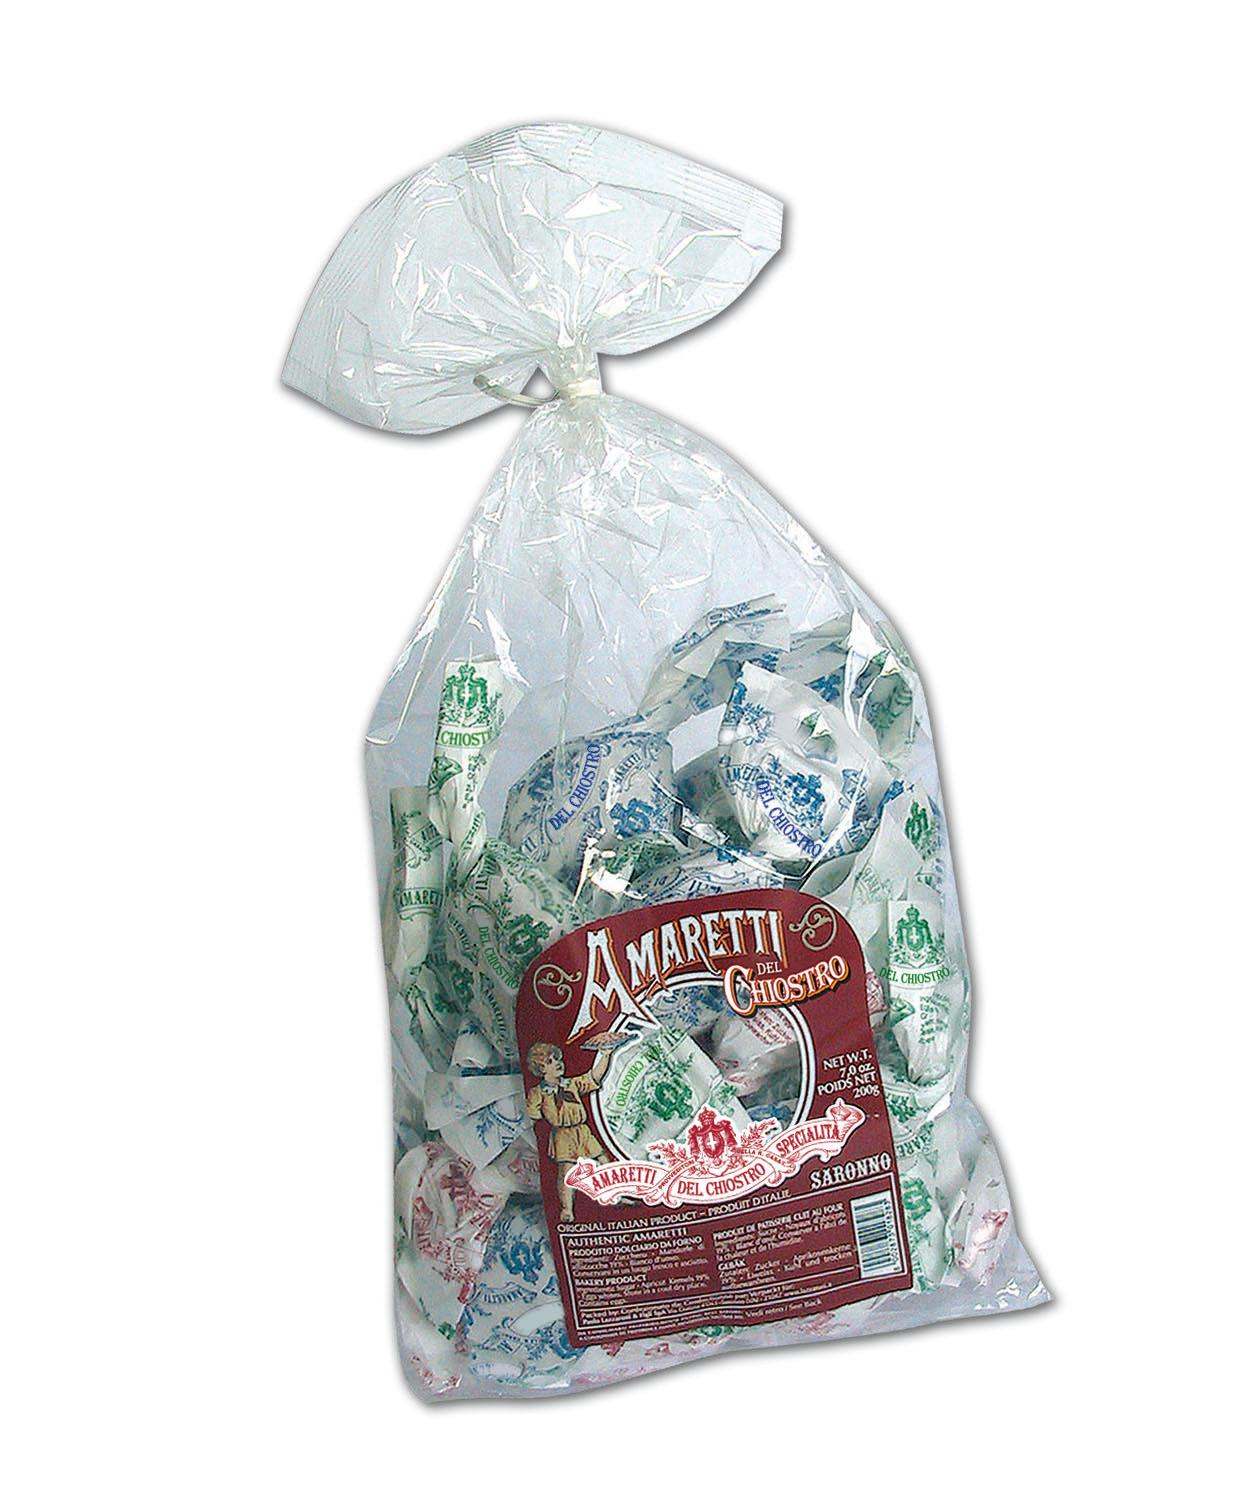 Lazzaroni - Chiostro di Saronno Amaretti del Chiostro Classici 200 g